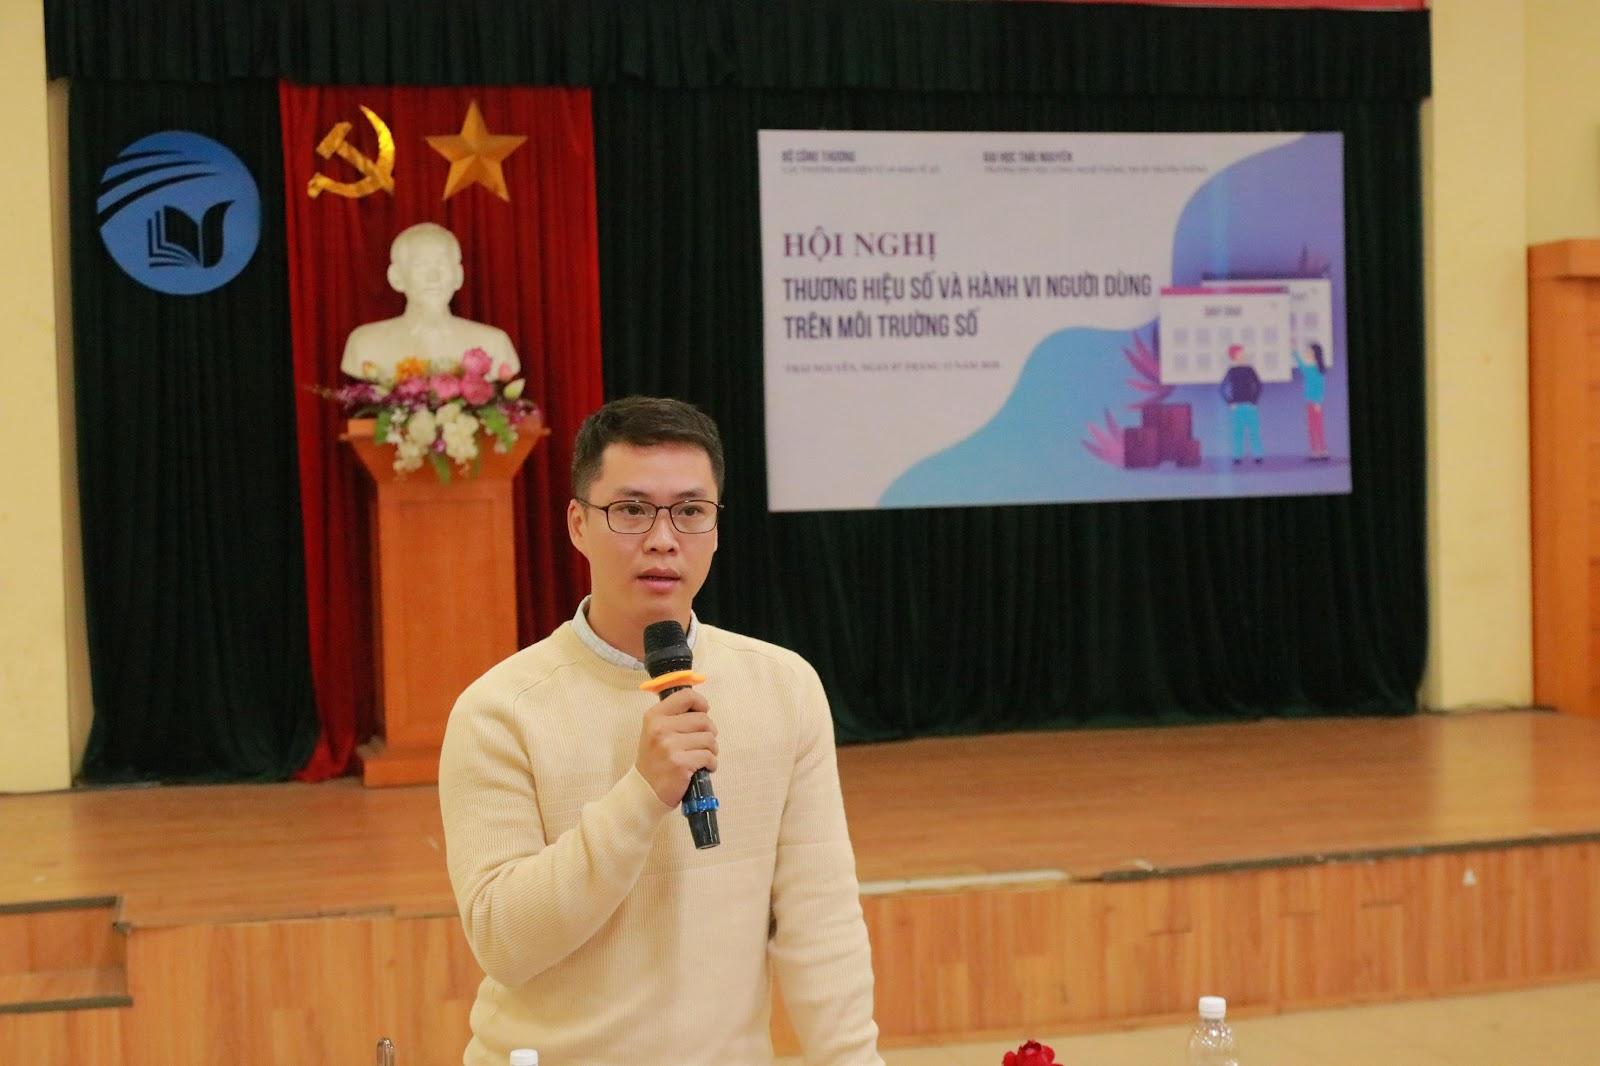 Anh Nguyễn Khánh Trường Minh – Chuyên viên phòng Kế hoạch & Đào tạo trình bày về Bí quyết xây dựng thương hiệu thành công trên sàn TMĐT Shopee